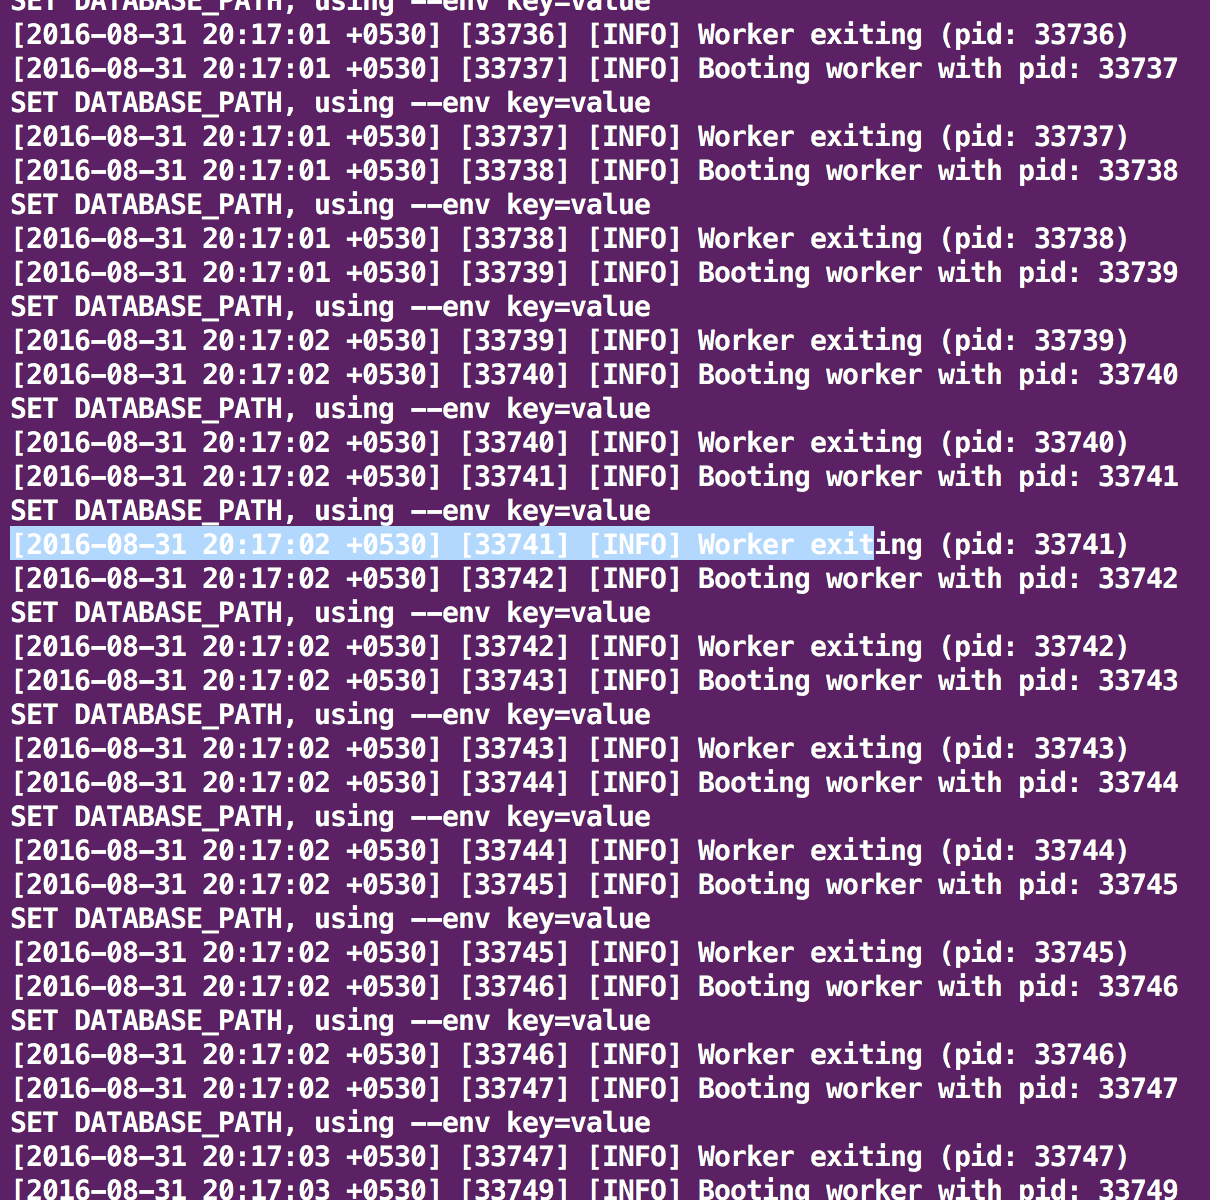 screen shot 2016-08-31 at 8 21 02 pm